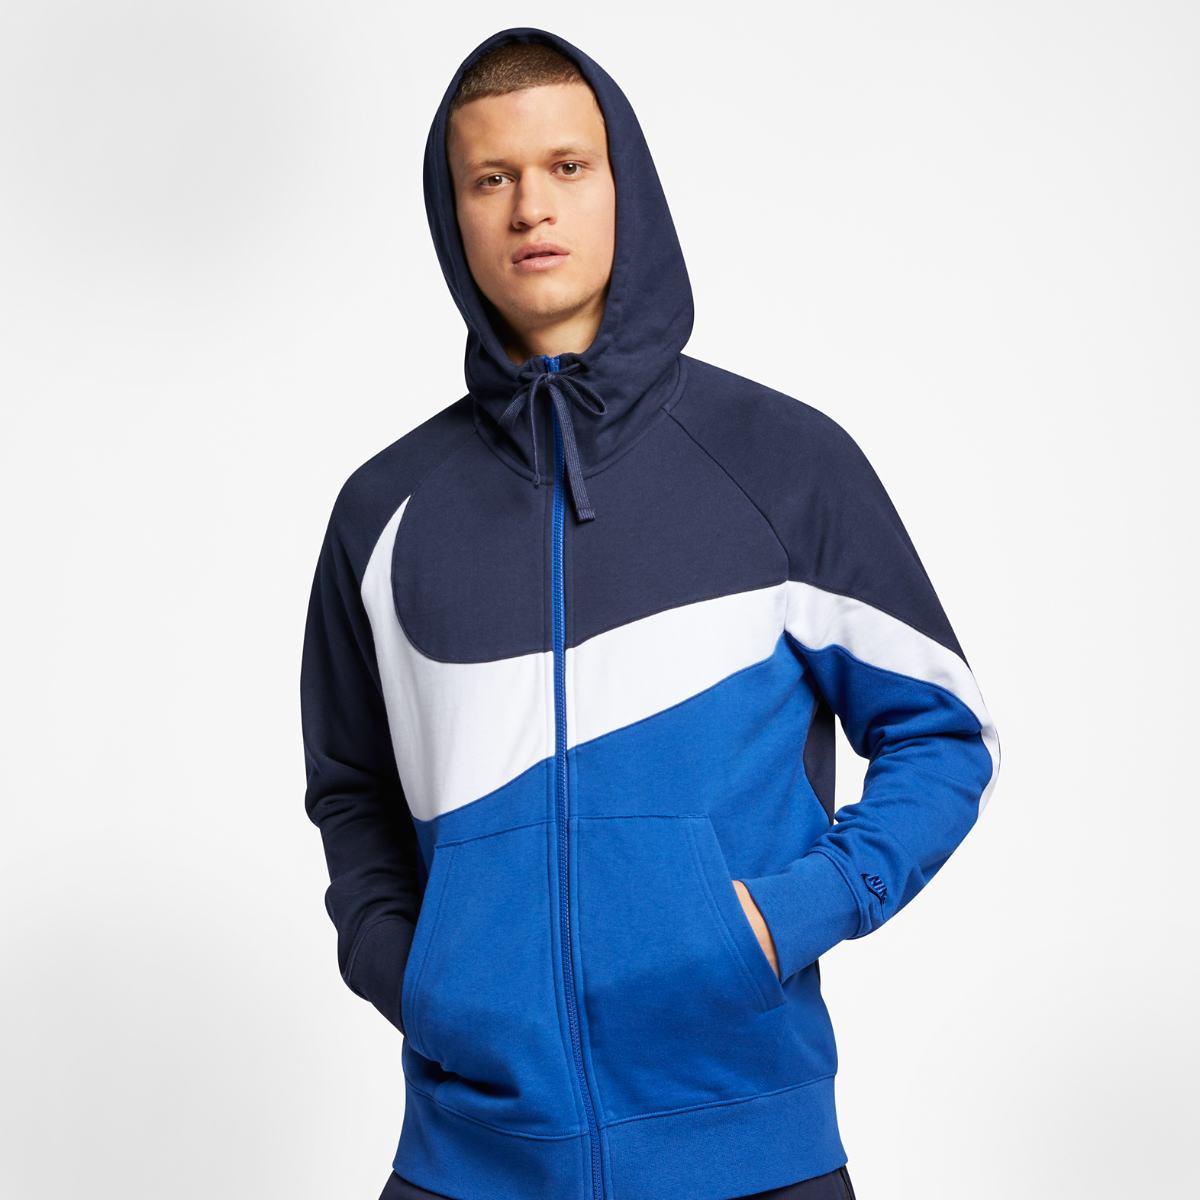 09a8a8b1d Толстовка Nike M NSW HBR HOODIE FZ FT STMT купить | deltasport.ua